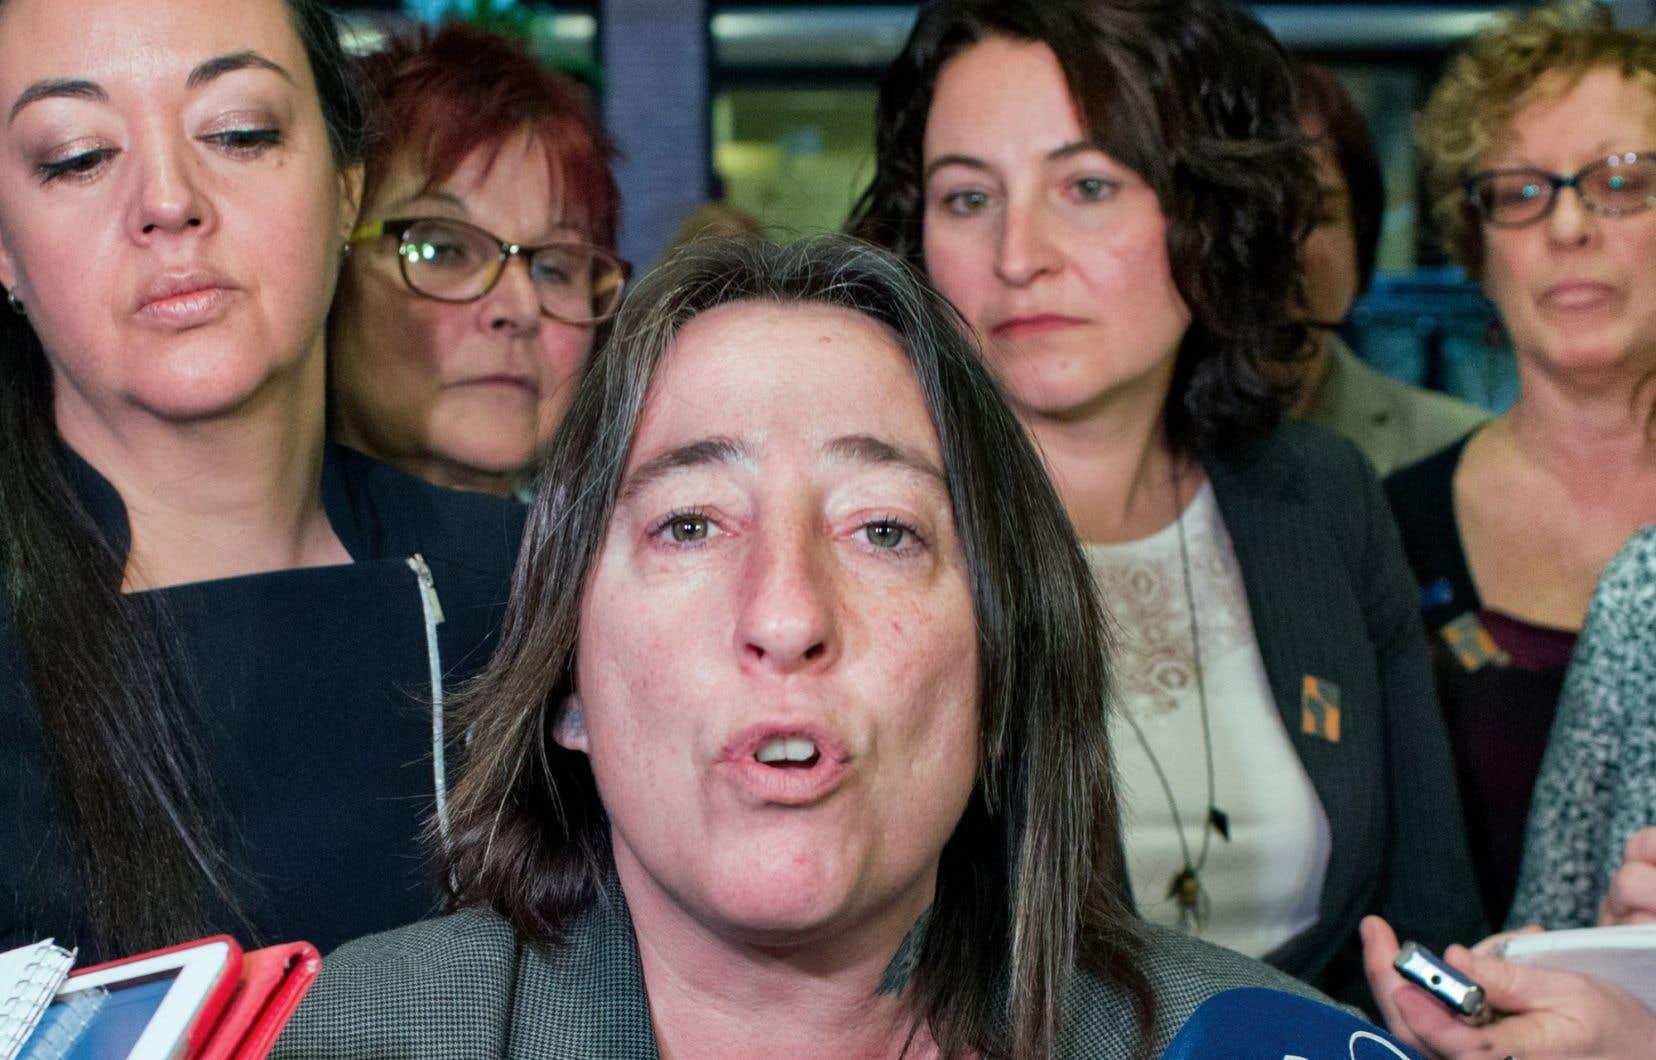 La présidente de la Fédération, Mélanie Sarazin, rappelle que la Fédération a mené de grandes luttes au cours des cinquante dernières années.